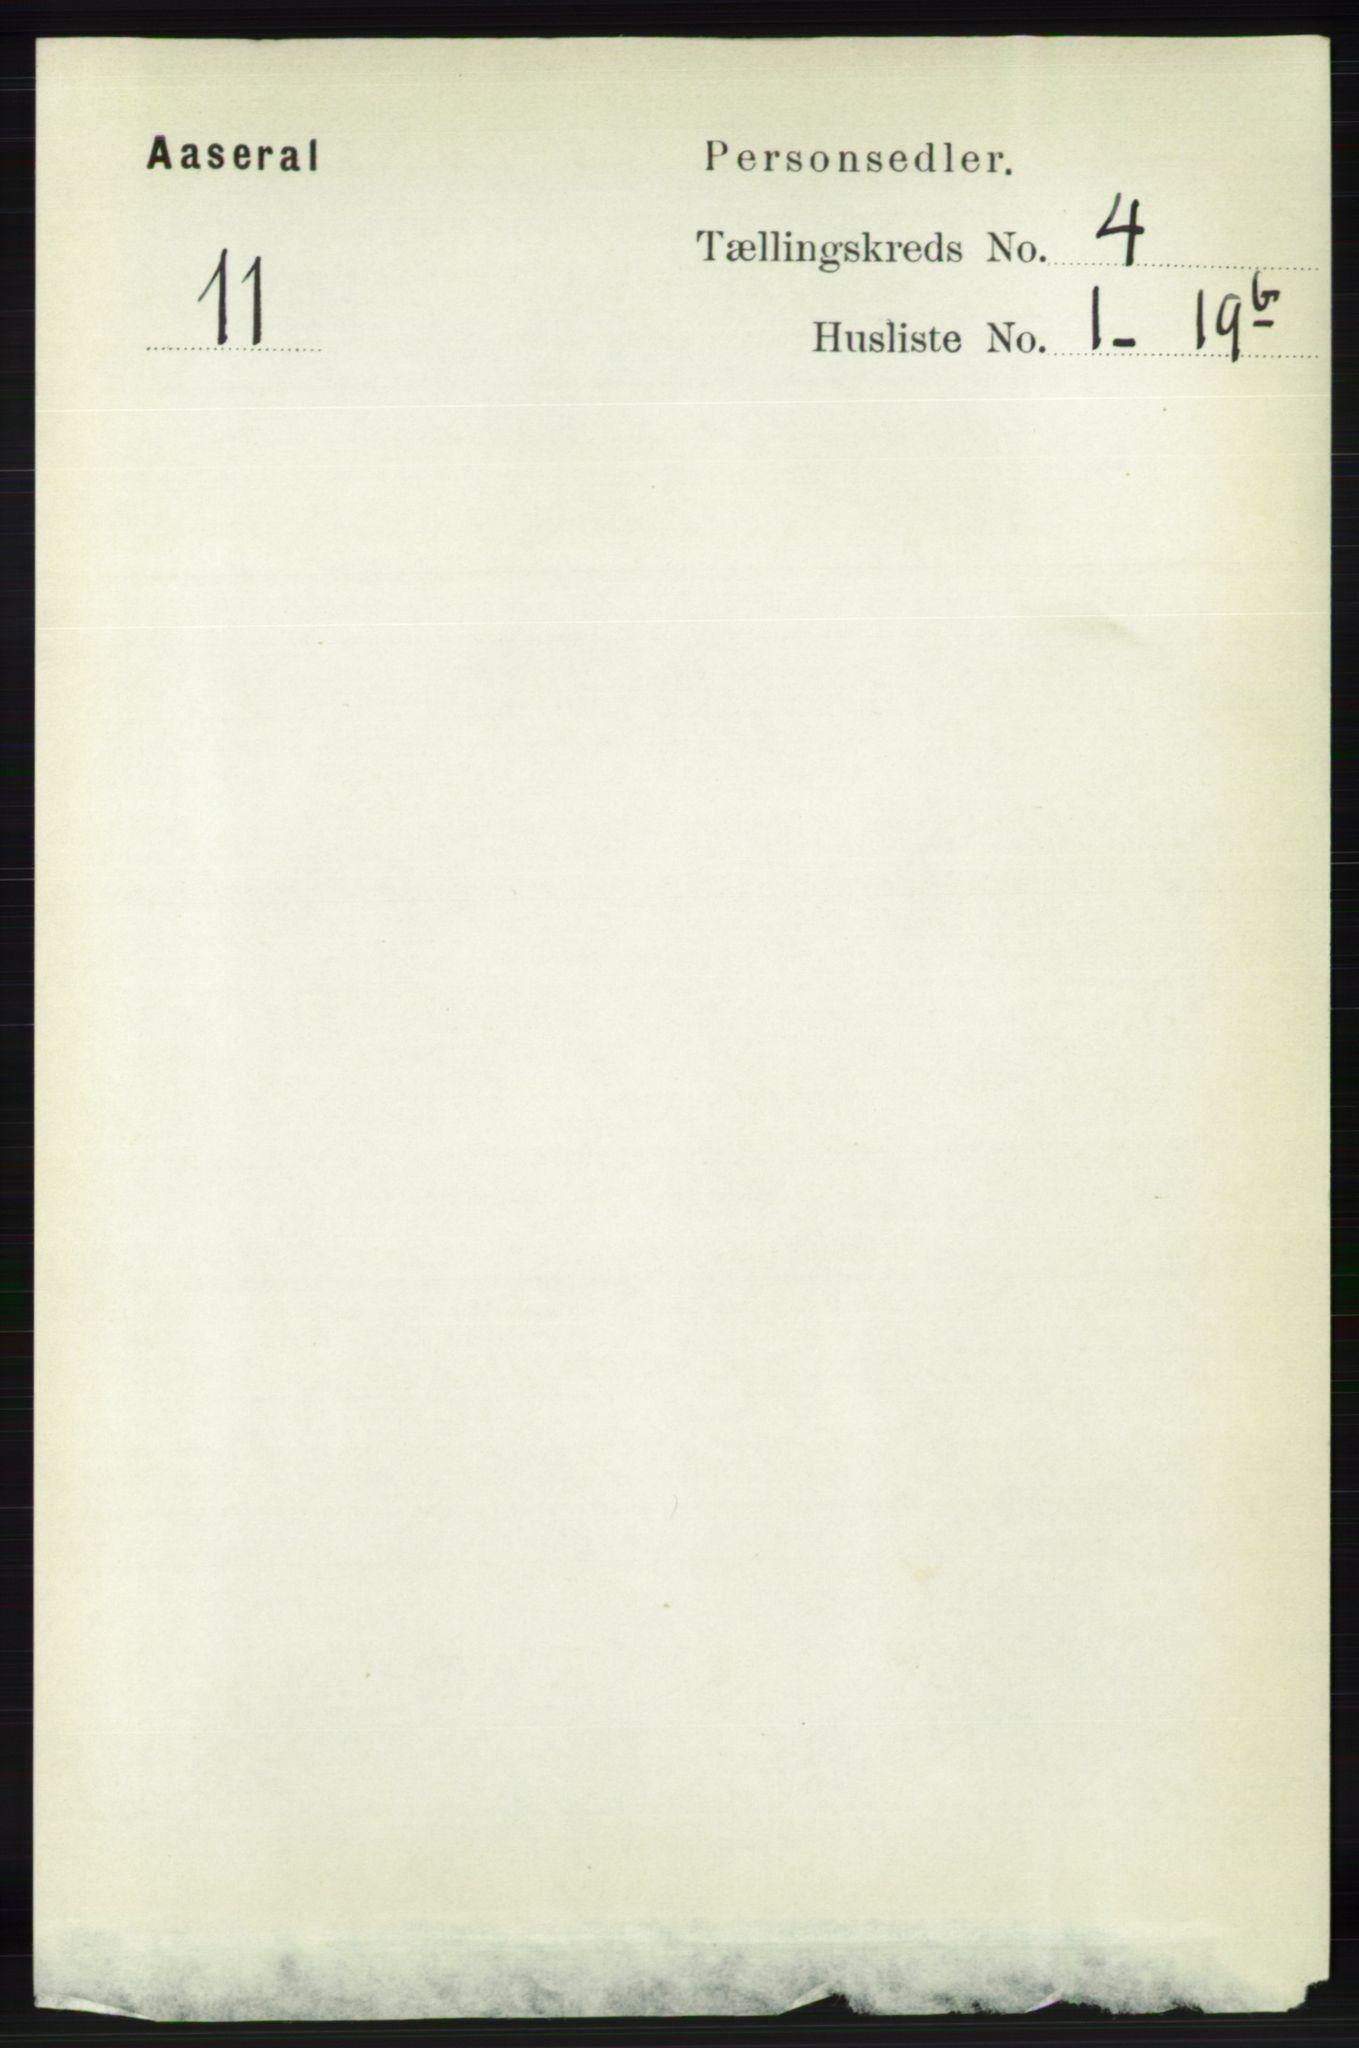 RA, Folketelling 1891 for 1026 Åseral herred, 1891, s. 1164